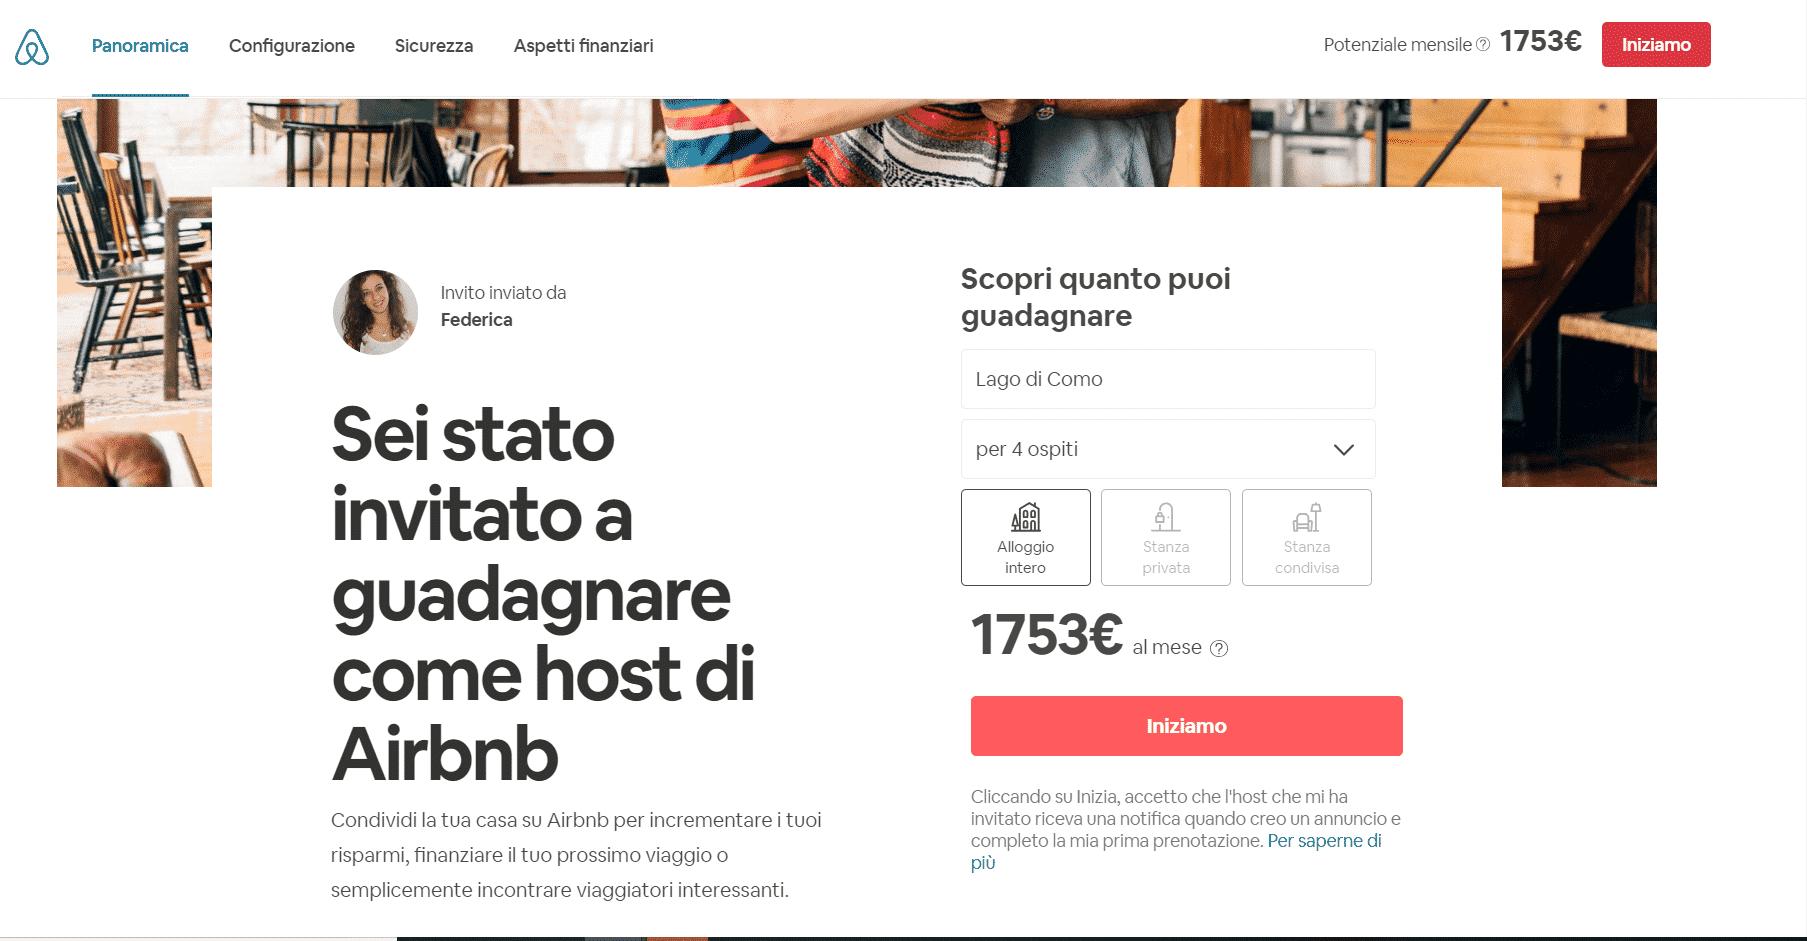 Pagina d'invito per pubblicare un annuncio su Airbnb e diventare un Host